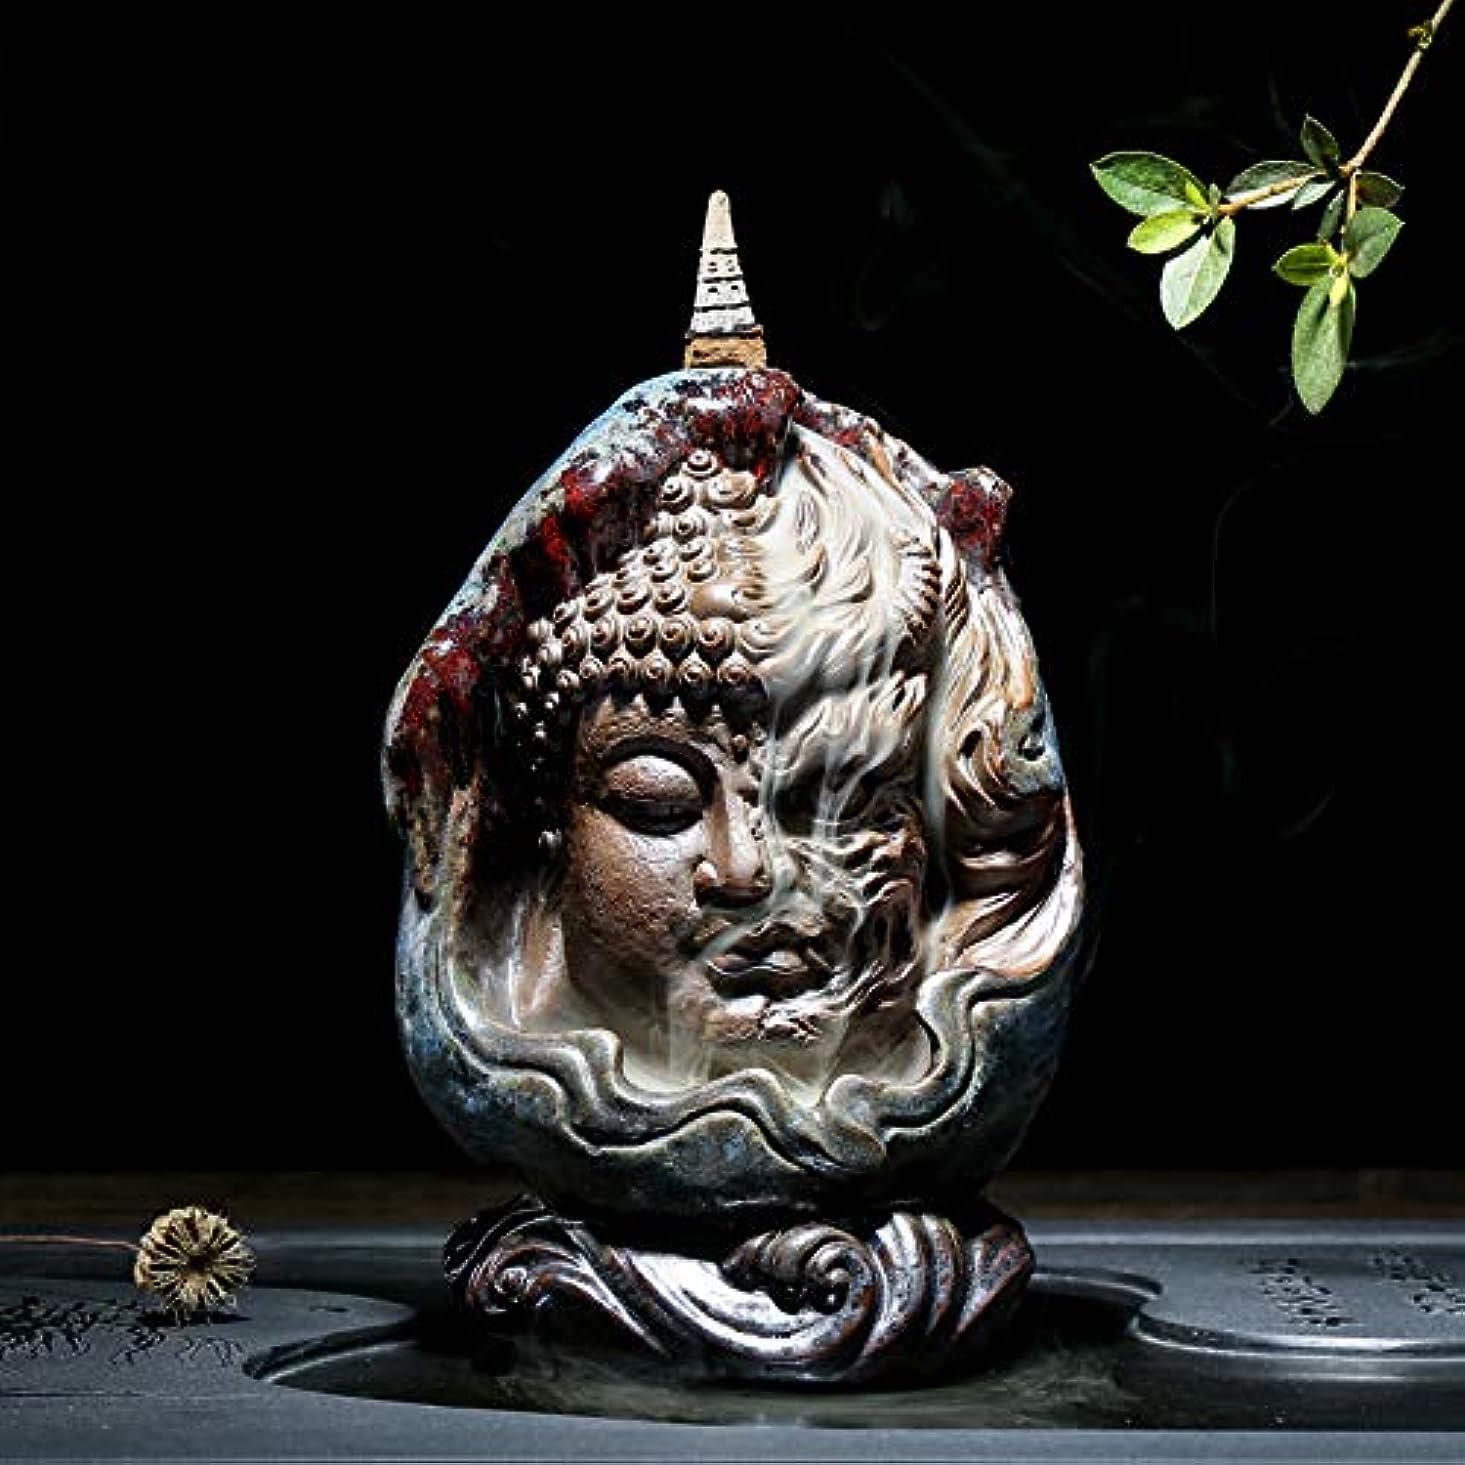 カジュアル腹部愛情PHILOGOD 陶器仏壇用香炉 ユニークなスタイリング逆流香炉 お香 ホルダー紫砂香立て